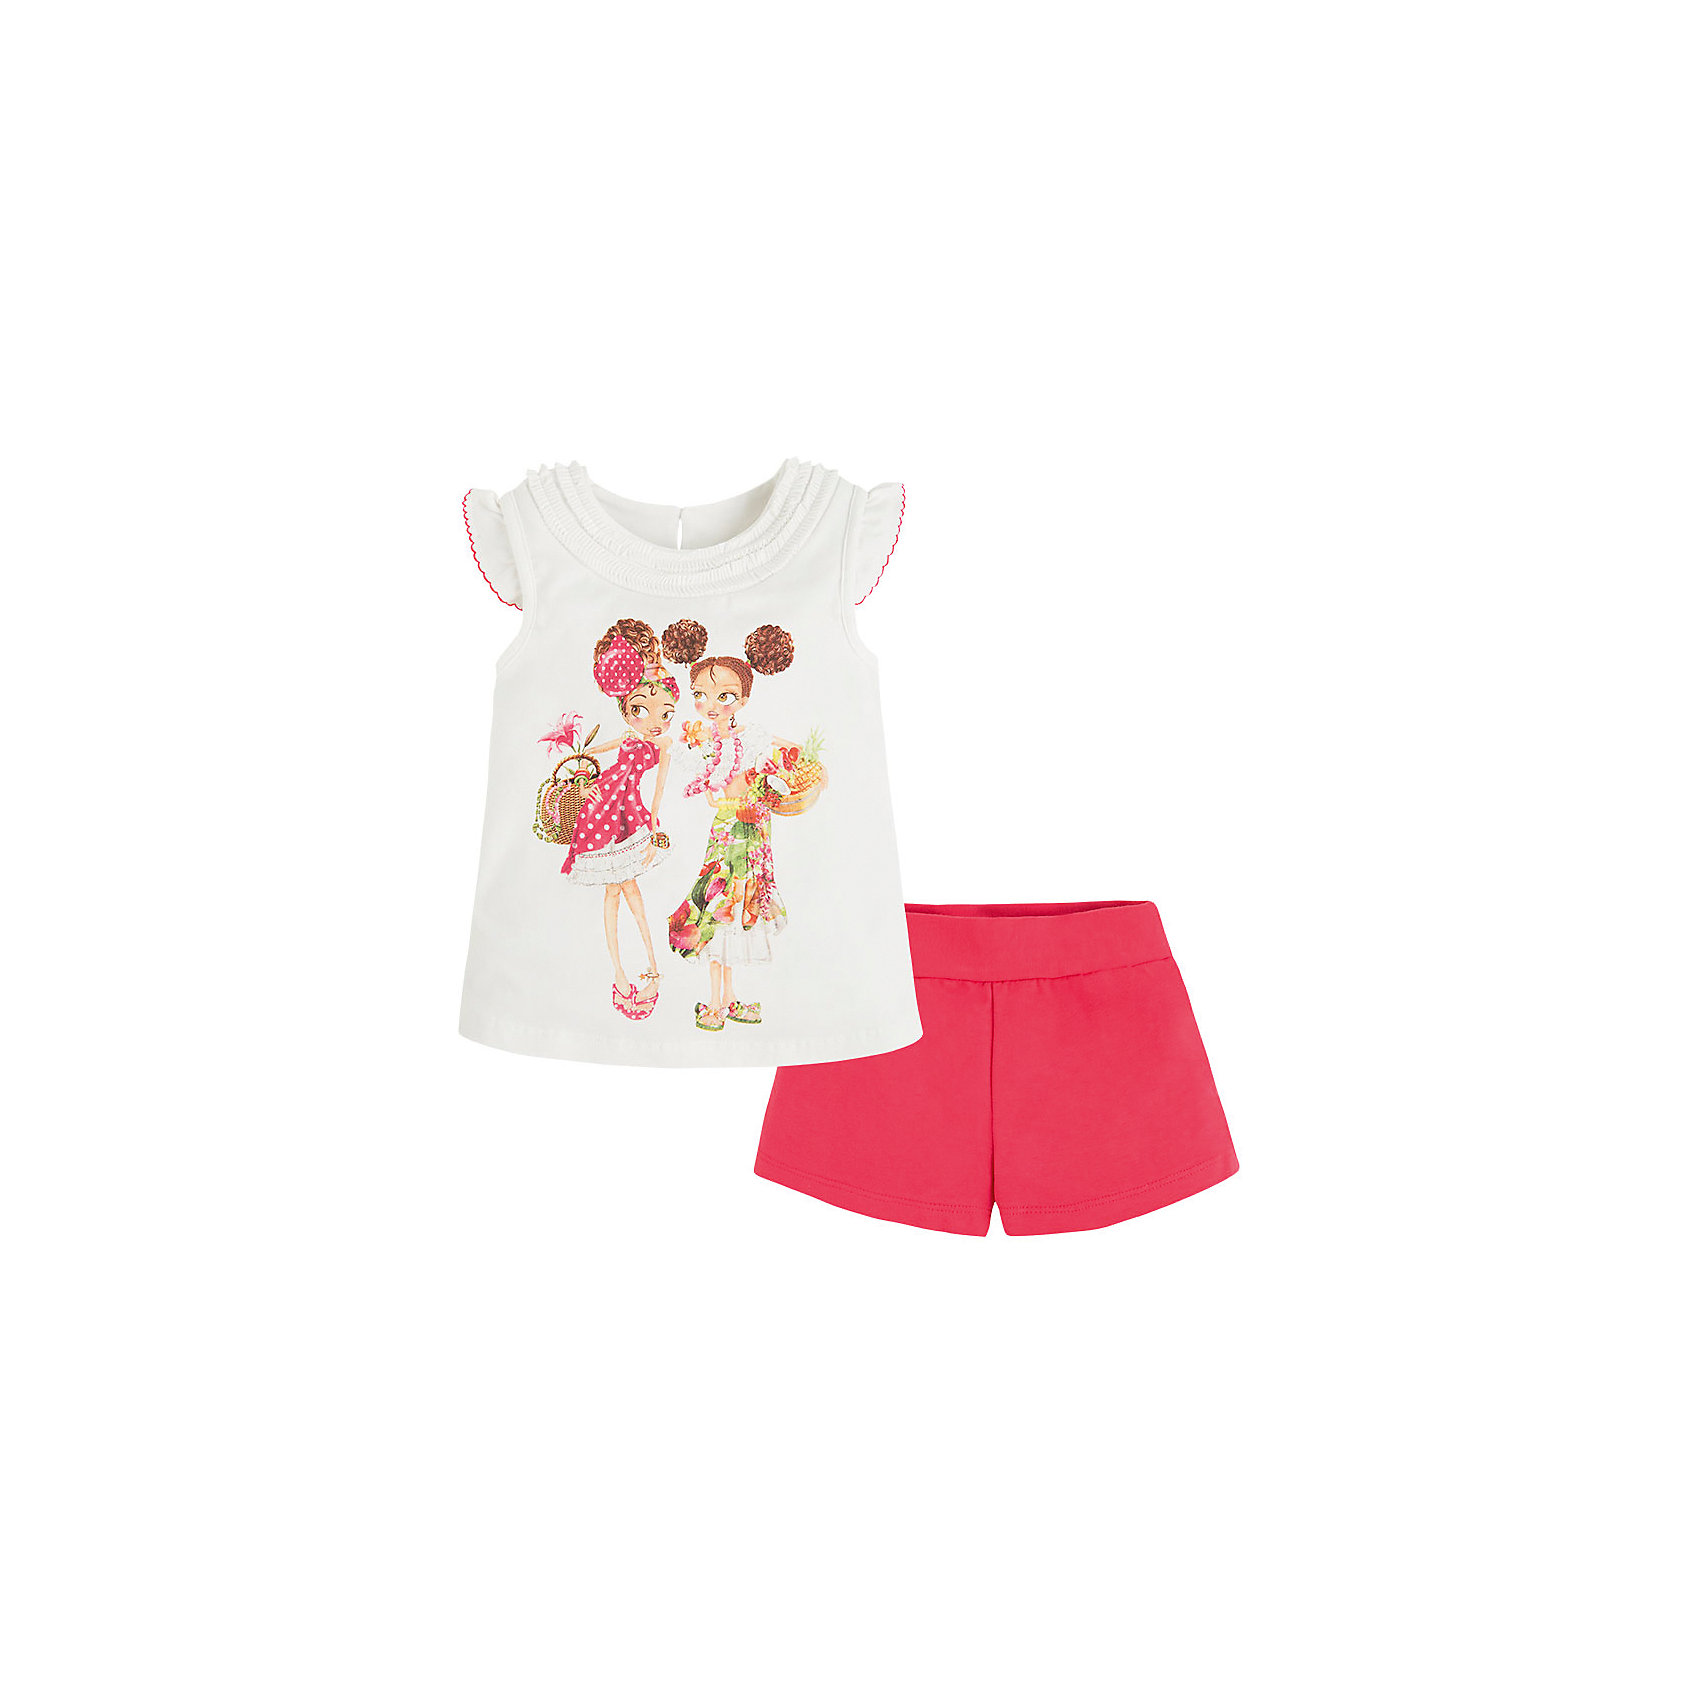 Комплект для девочки: футболка и шорты MayoralКомплект для девочки: футболка и шорты от известной испанской марки Mayoral - идеальный вариант для жаркой погоды! <br><br>Дополнительная информация:<br><br>- Мягкая трикотажная ткань. <br>- Округлый вырез горловины.<br>- Футболка с рюшами на вороте. <br>- Яркий принт спереди. <br>- Застегивается на пуговицу на спине. <br>- Шорты на эластичном поясе.<br>- Регулируются на талии. <br>- Состав: 95% хлопок, 5% эластан.<br><br>Комплект для девочки: футболку и шорты Mayoral (Майорал) можно купить в нашем магазине.<br><br>Ширина мм: 191<br>Глубина мм: 10<br>Высота мм: 175<br>Вес г: 273<br>Цвет: красный<br>Возраст от месяцев: 48<br>Возраст до месяцев: 60<br>Пол: Женский<br>Возраст: Детский<br>Размер: 110,98,134,116,122,128,104<br>SKU: 4543773